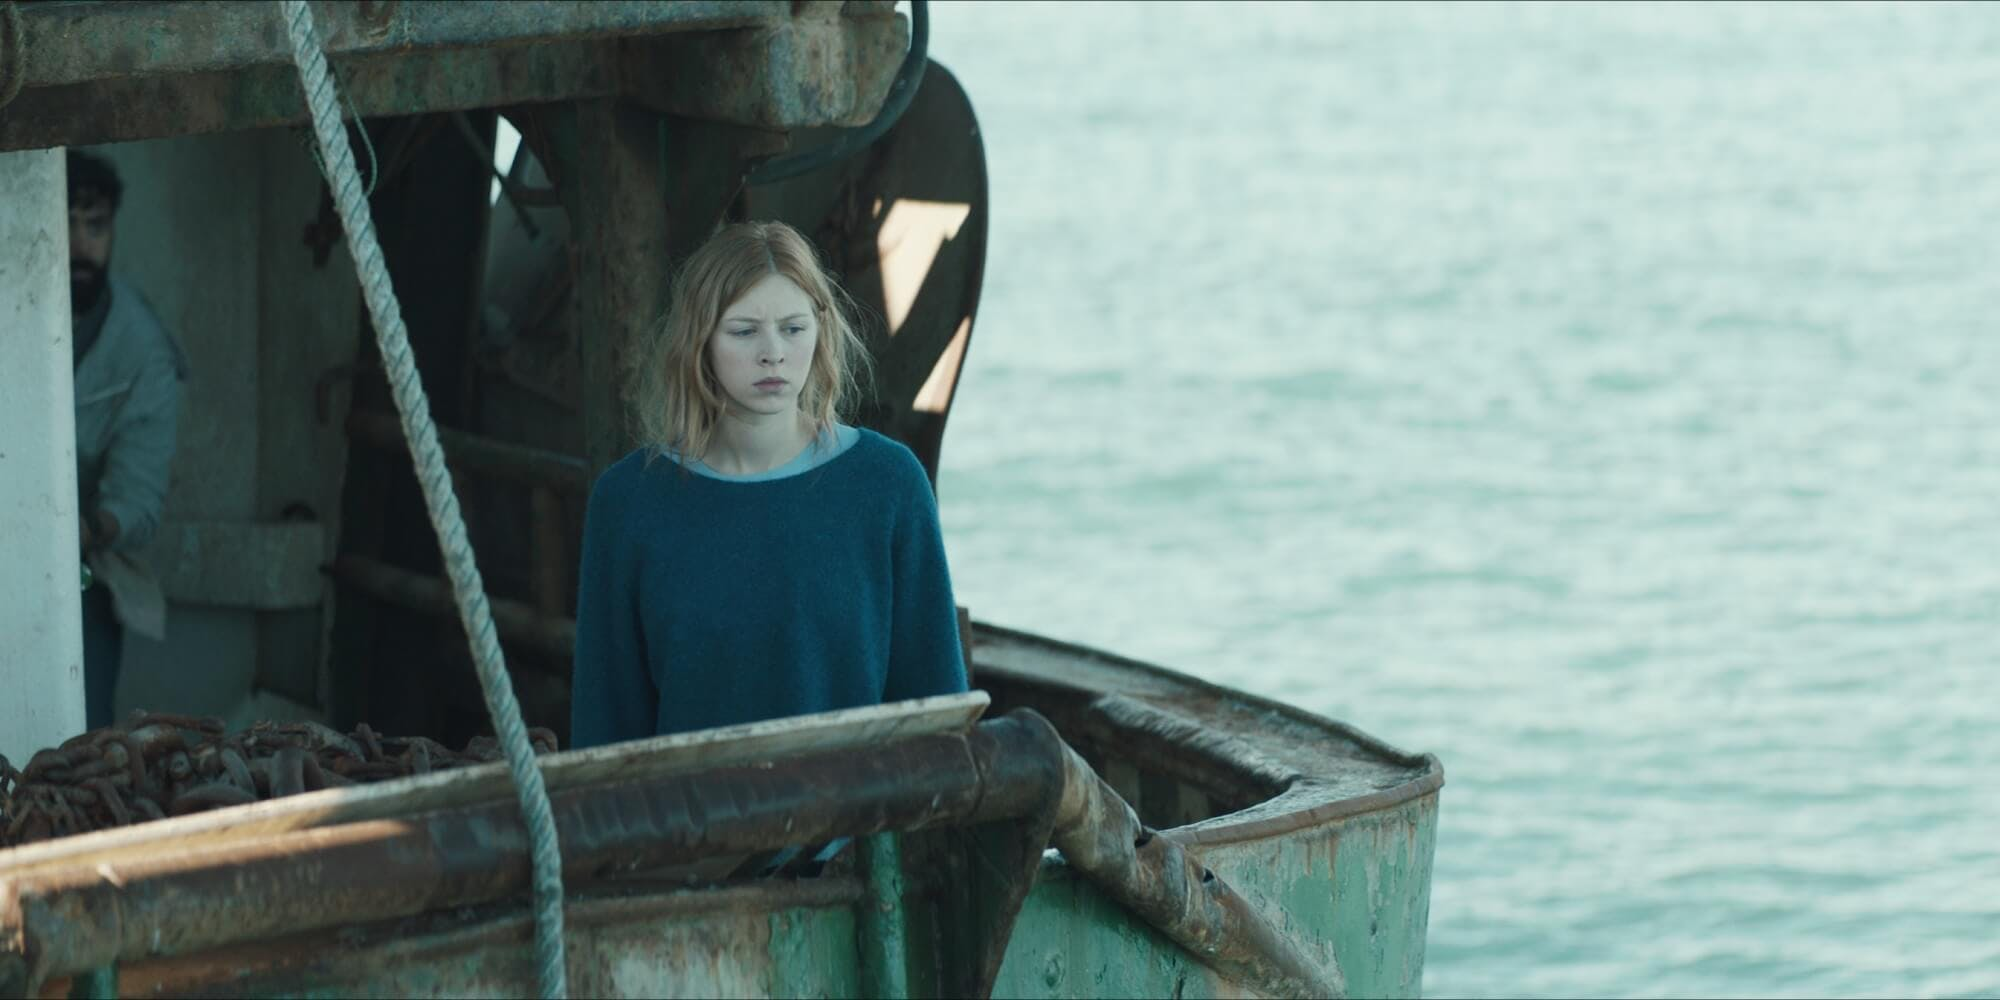 sea fever movie review